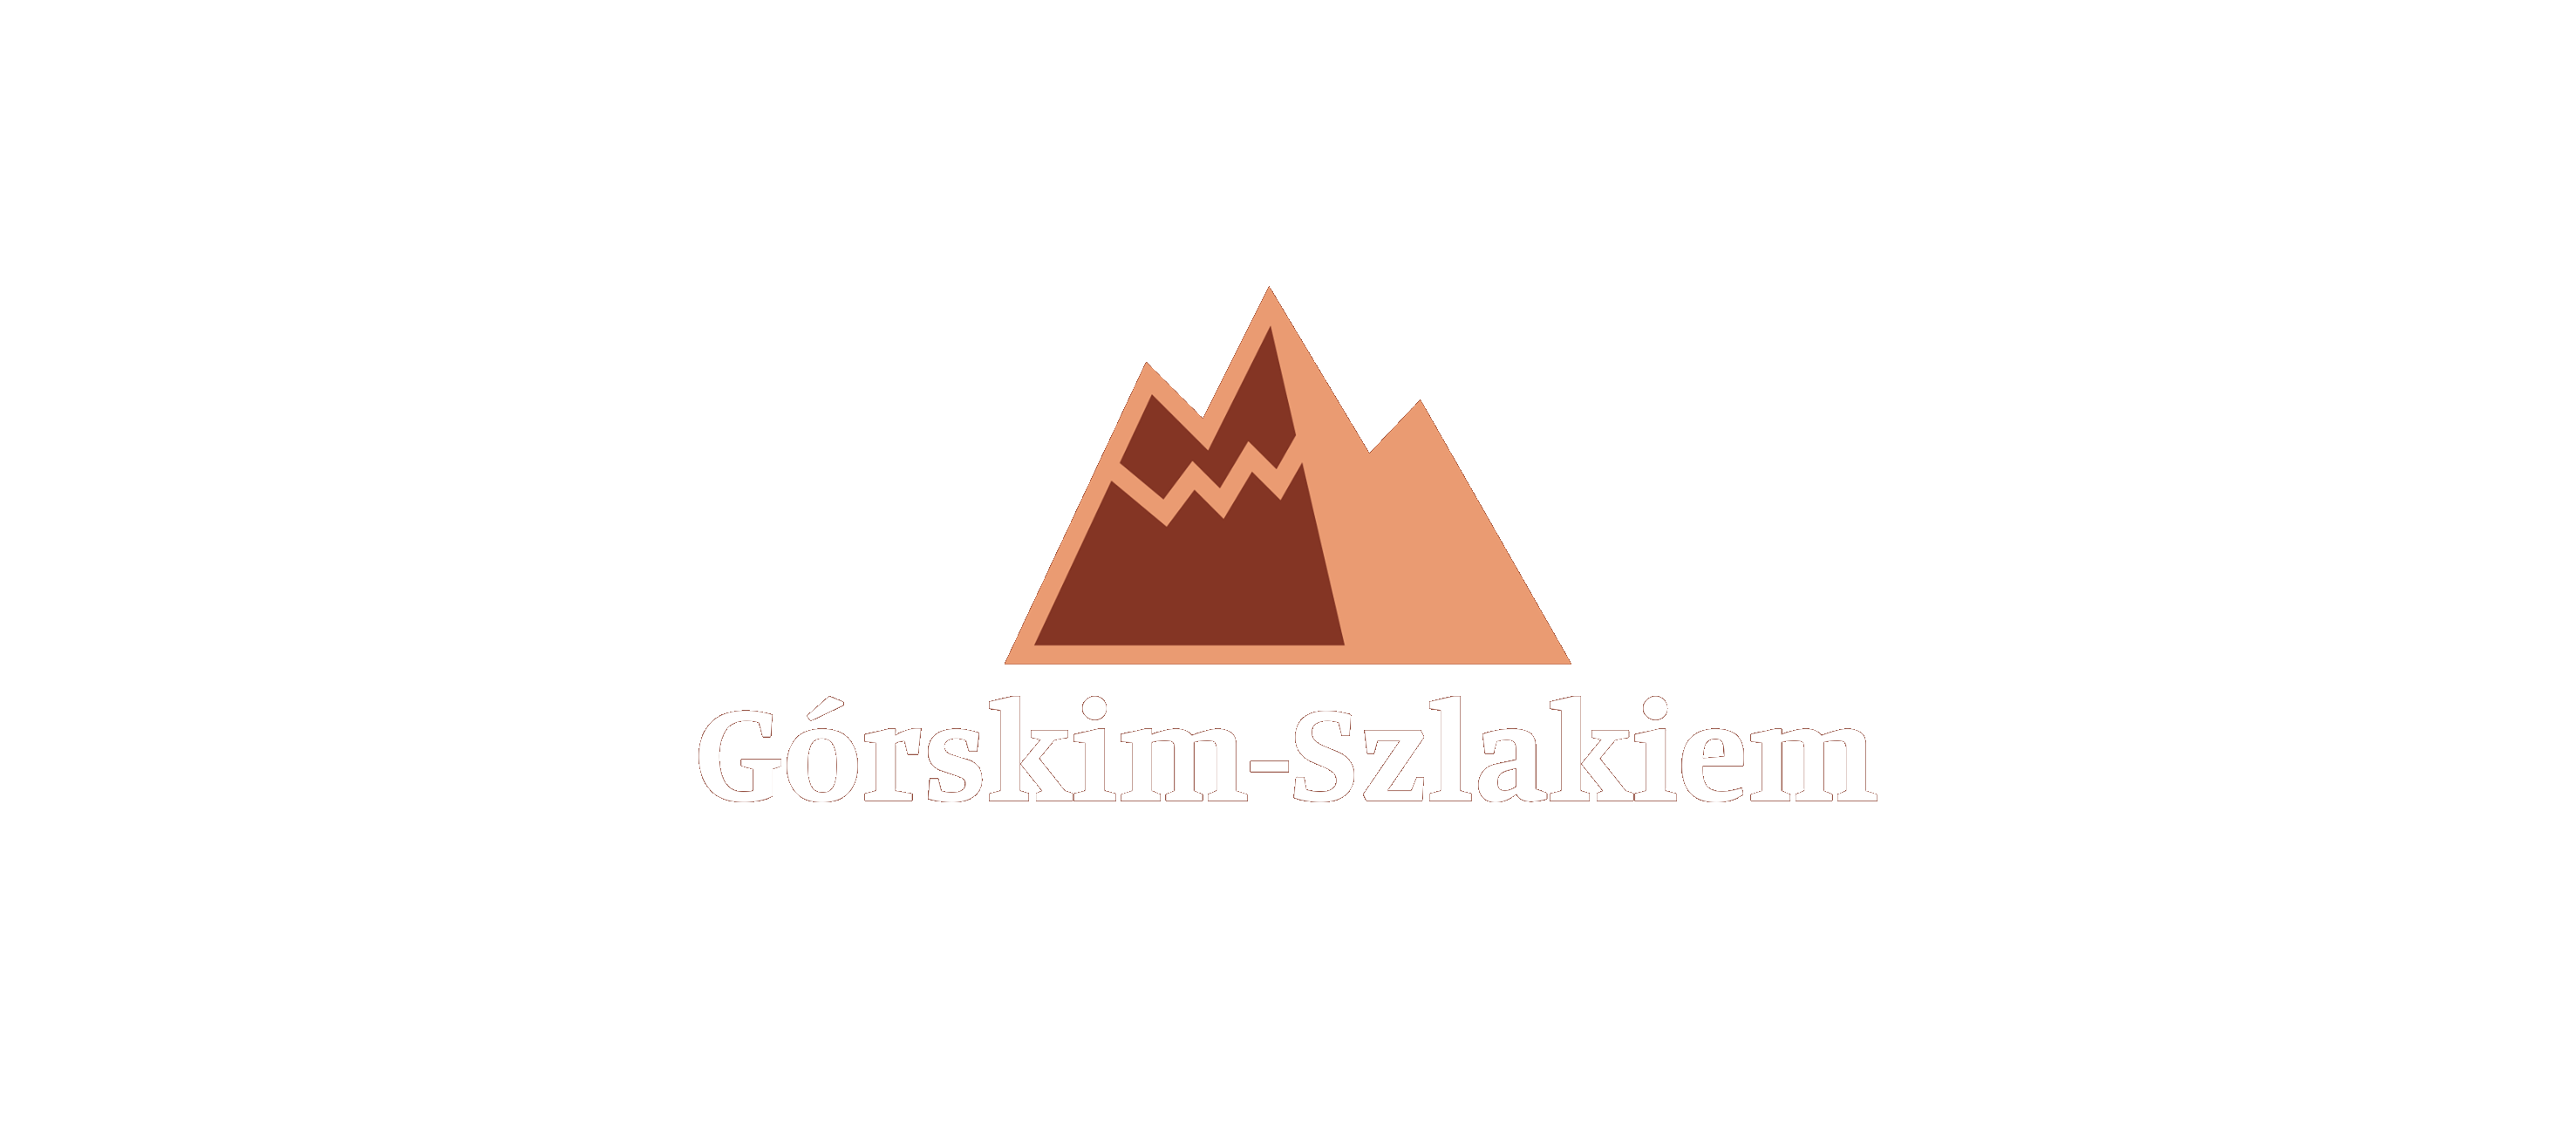 Górskim Szlakiem